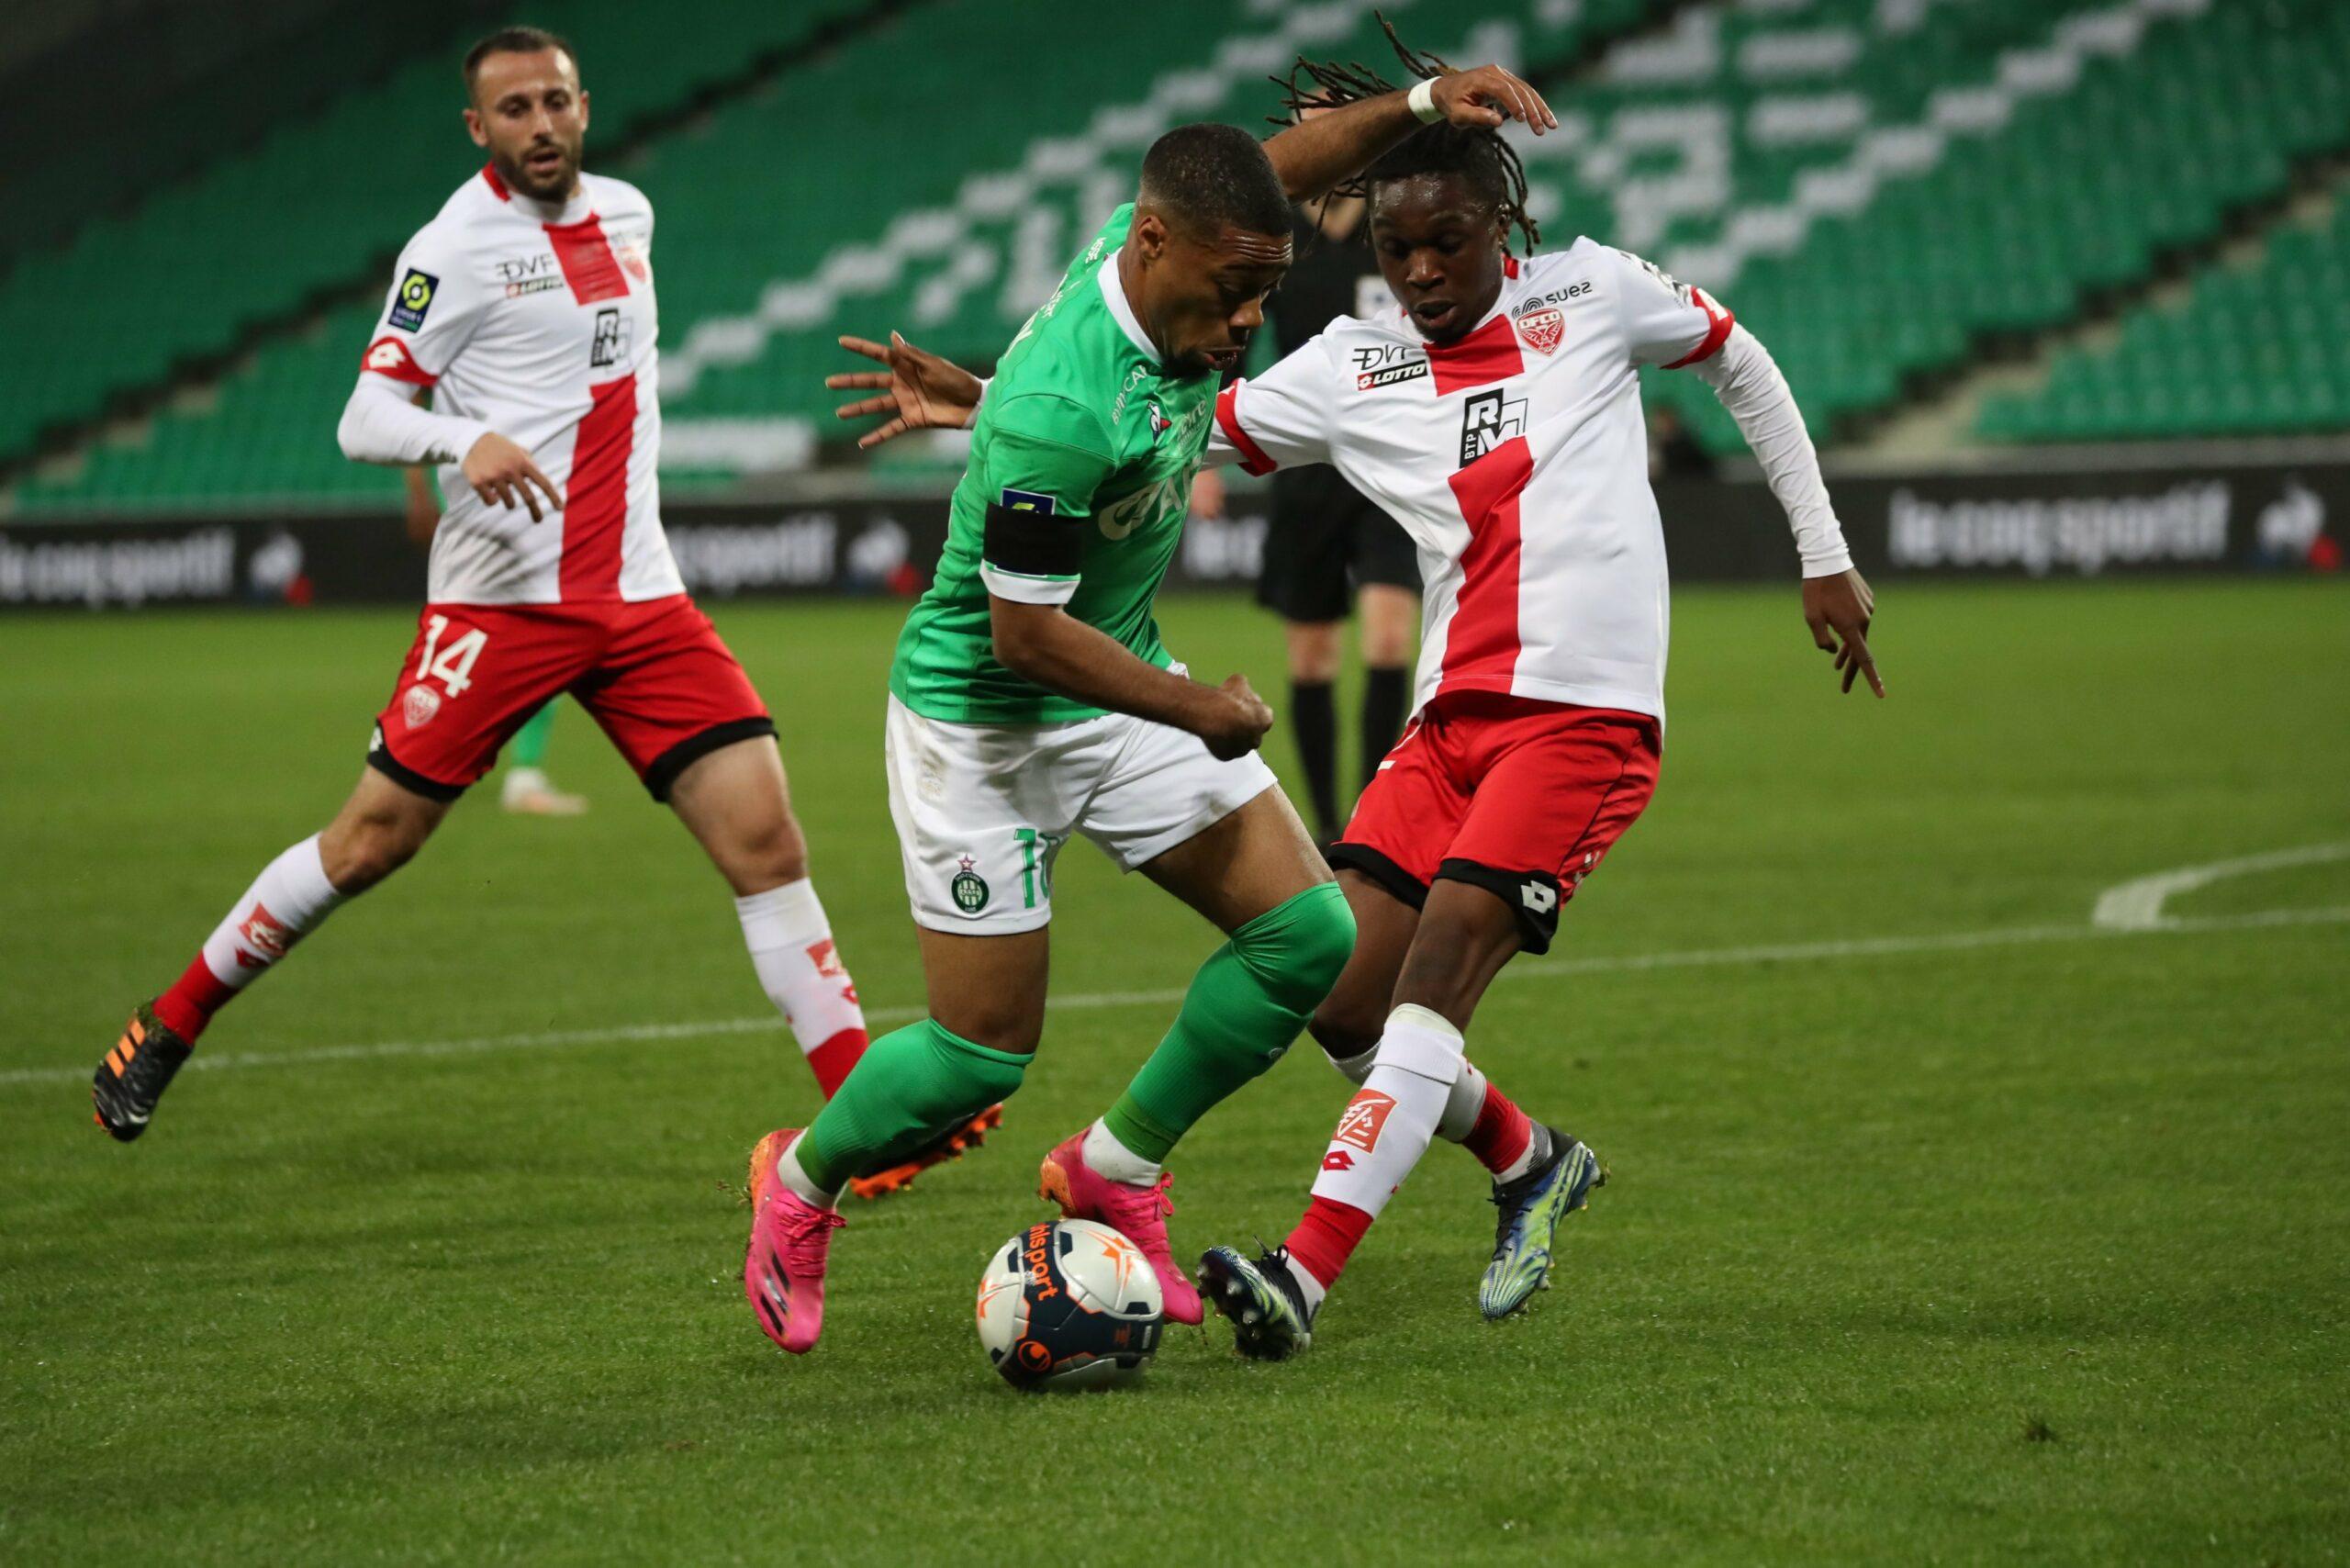 Ligue 1 - 38ème j.   Les notes de ASSE - Dijon (0-1) 1